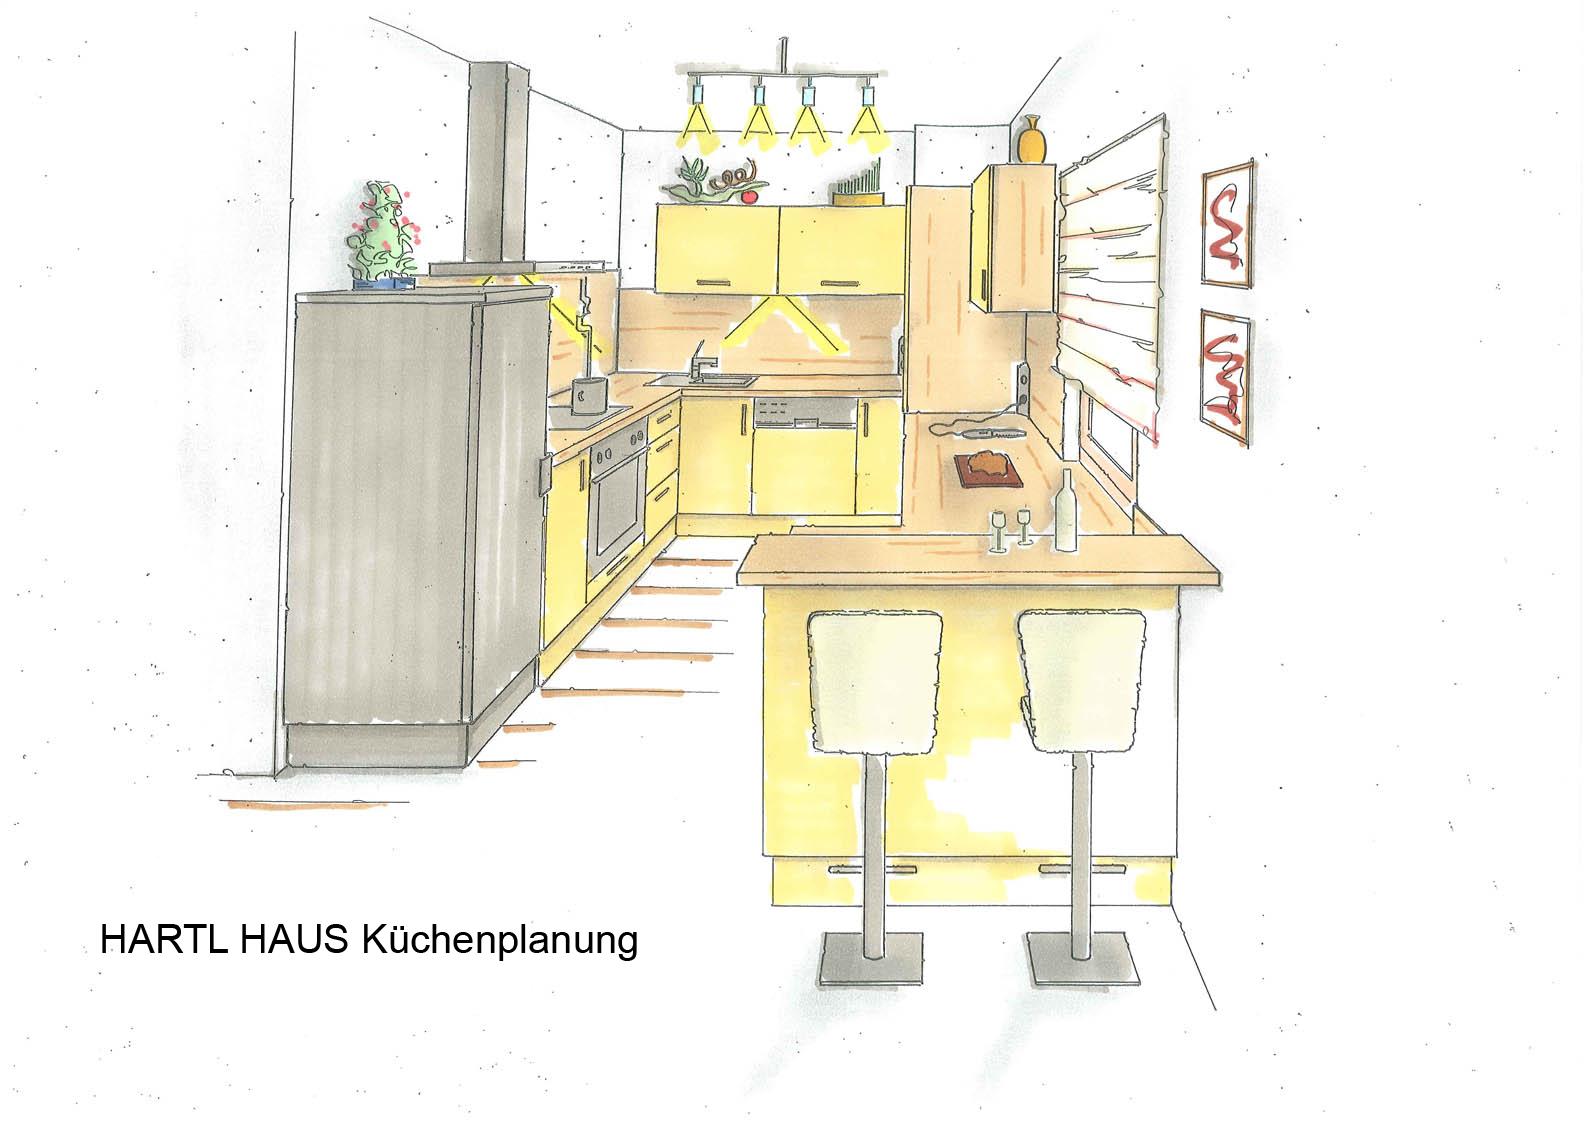 Trend 124 - HARTL HAUS Küchenplanung